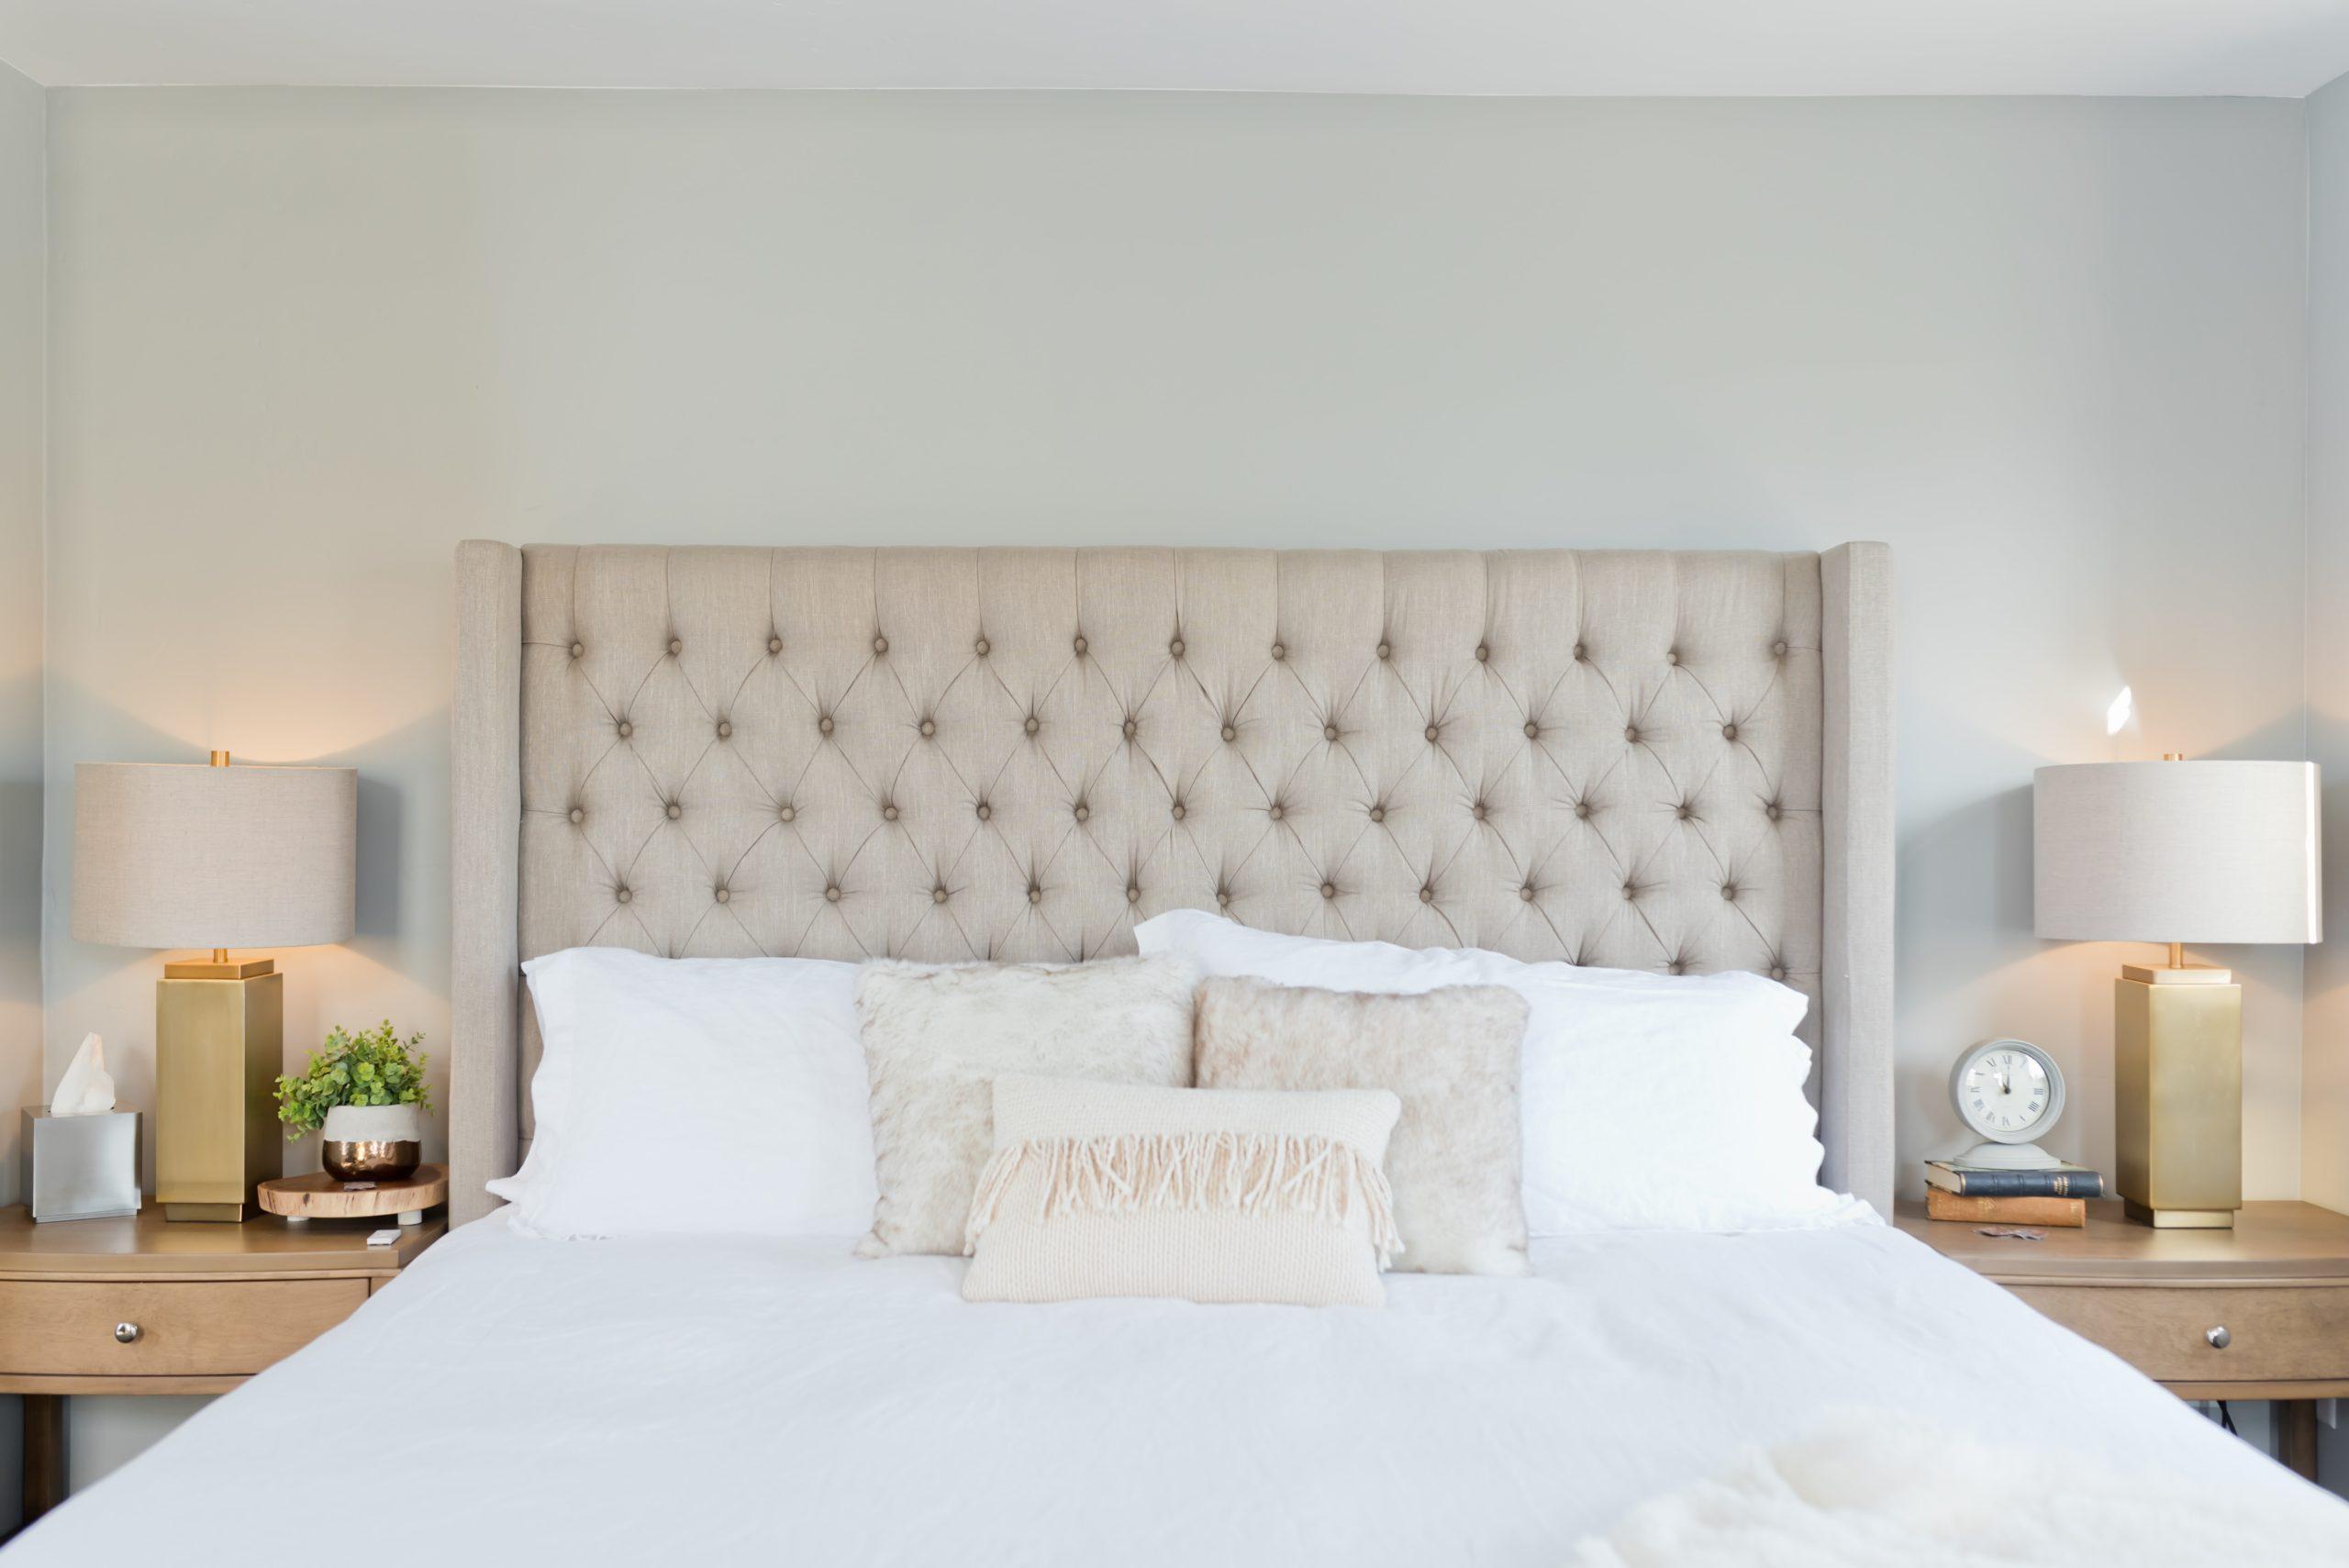 El secreto para una vida plena: tender tu cama (según el hombre que atrapó a Bin Laden)